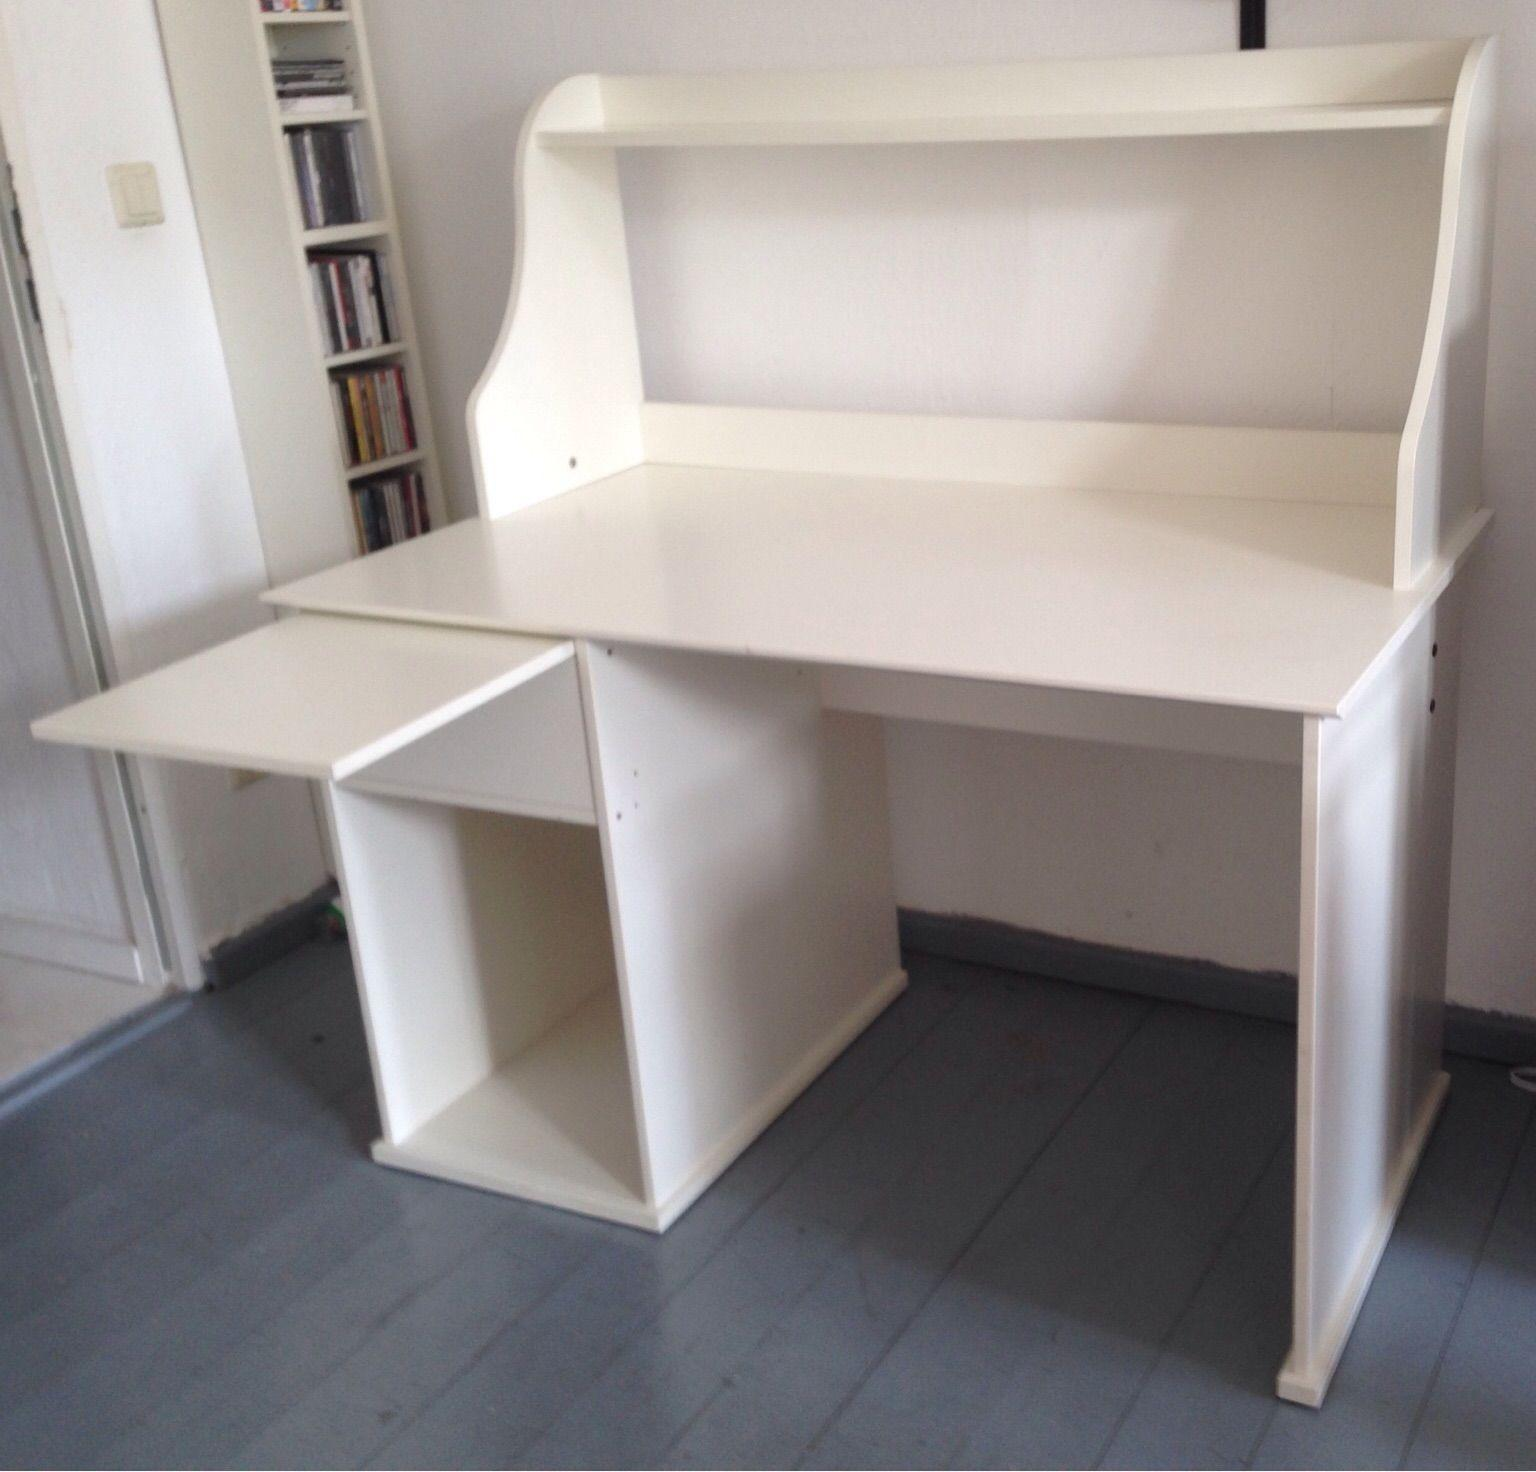 Sekretär Modern Ikea